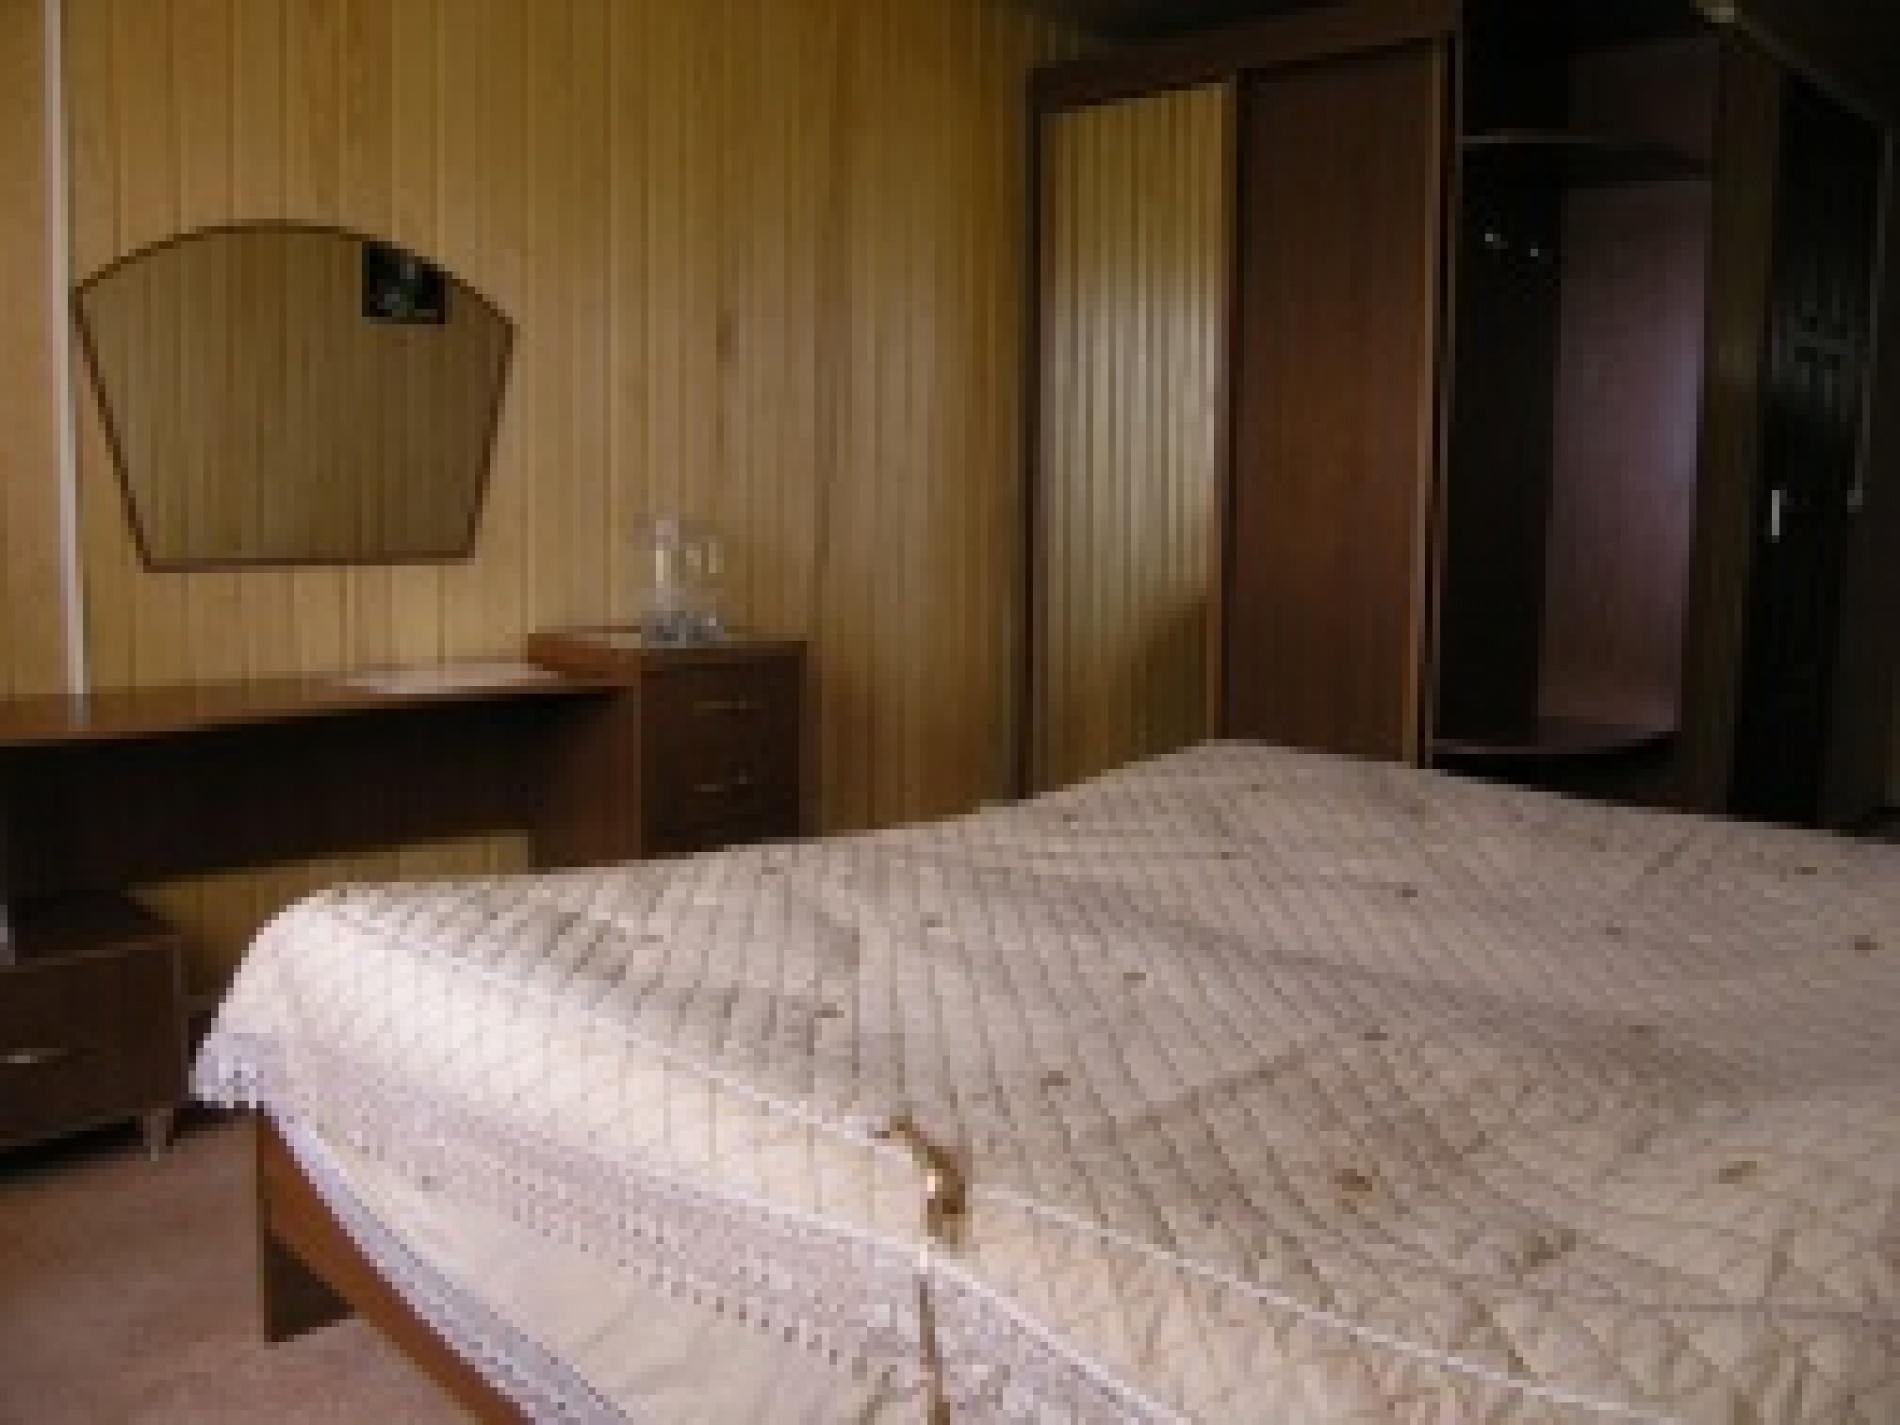 База отдыха «Фрегат» Иркутская область Стандартный номер однокомнатный 2-местный, фото 1